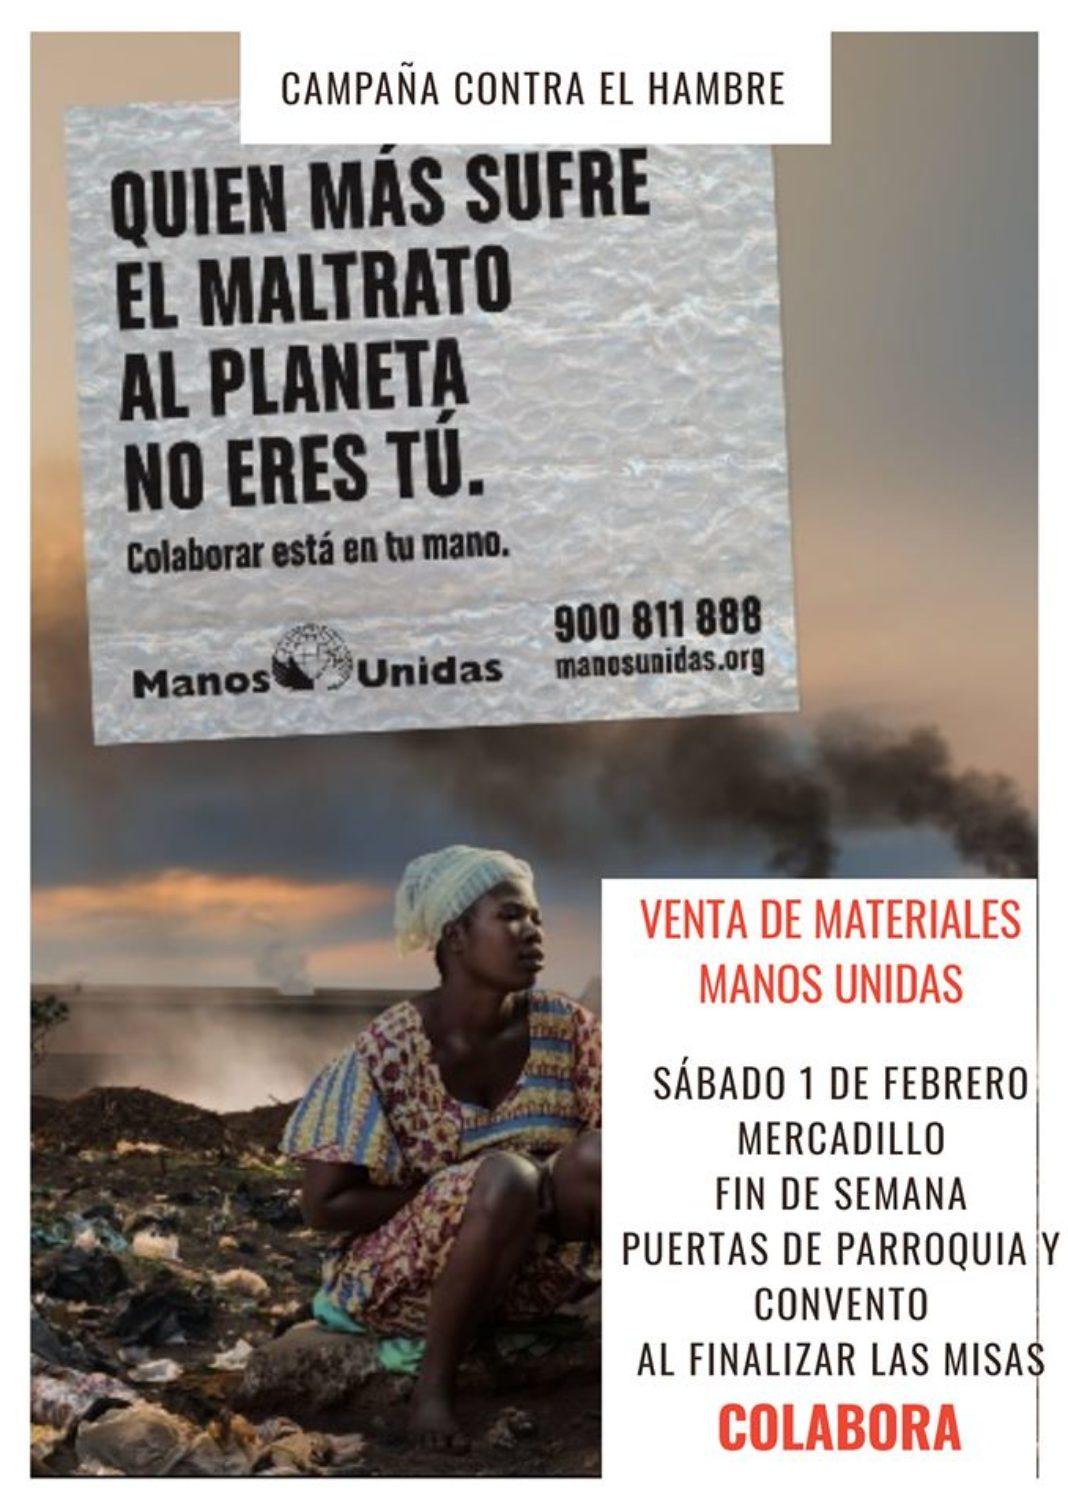 Inicio de la Campaña Contra el Hambre de Manos Unidas en Herencia 4